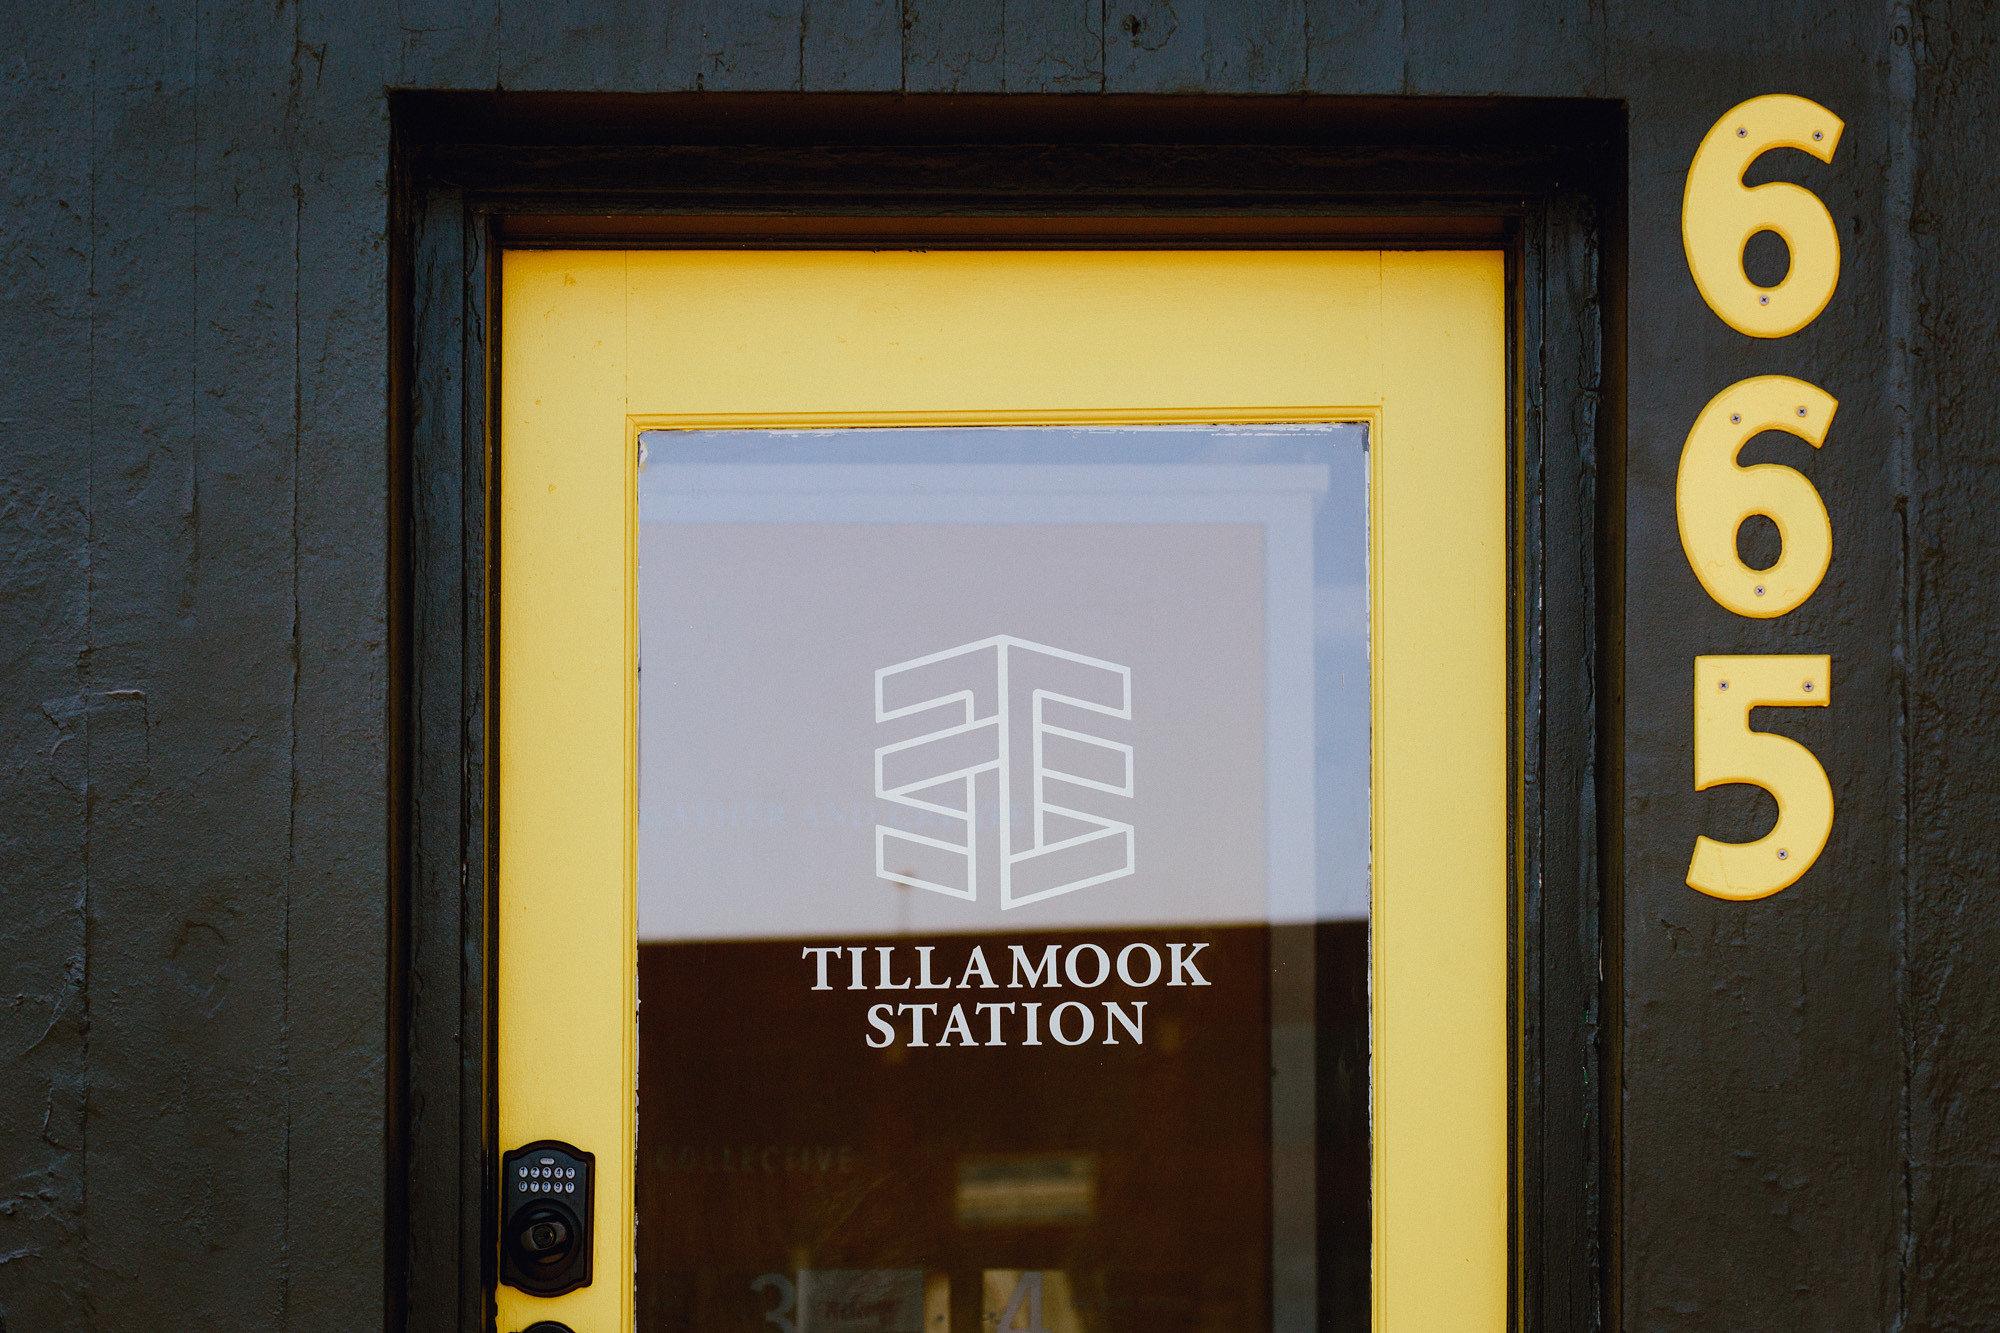 TILLAMOOK STATION BRANDING